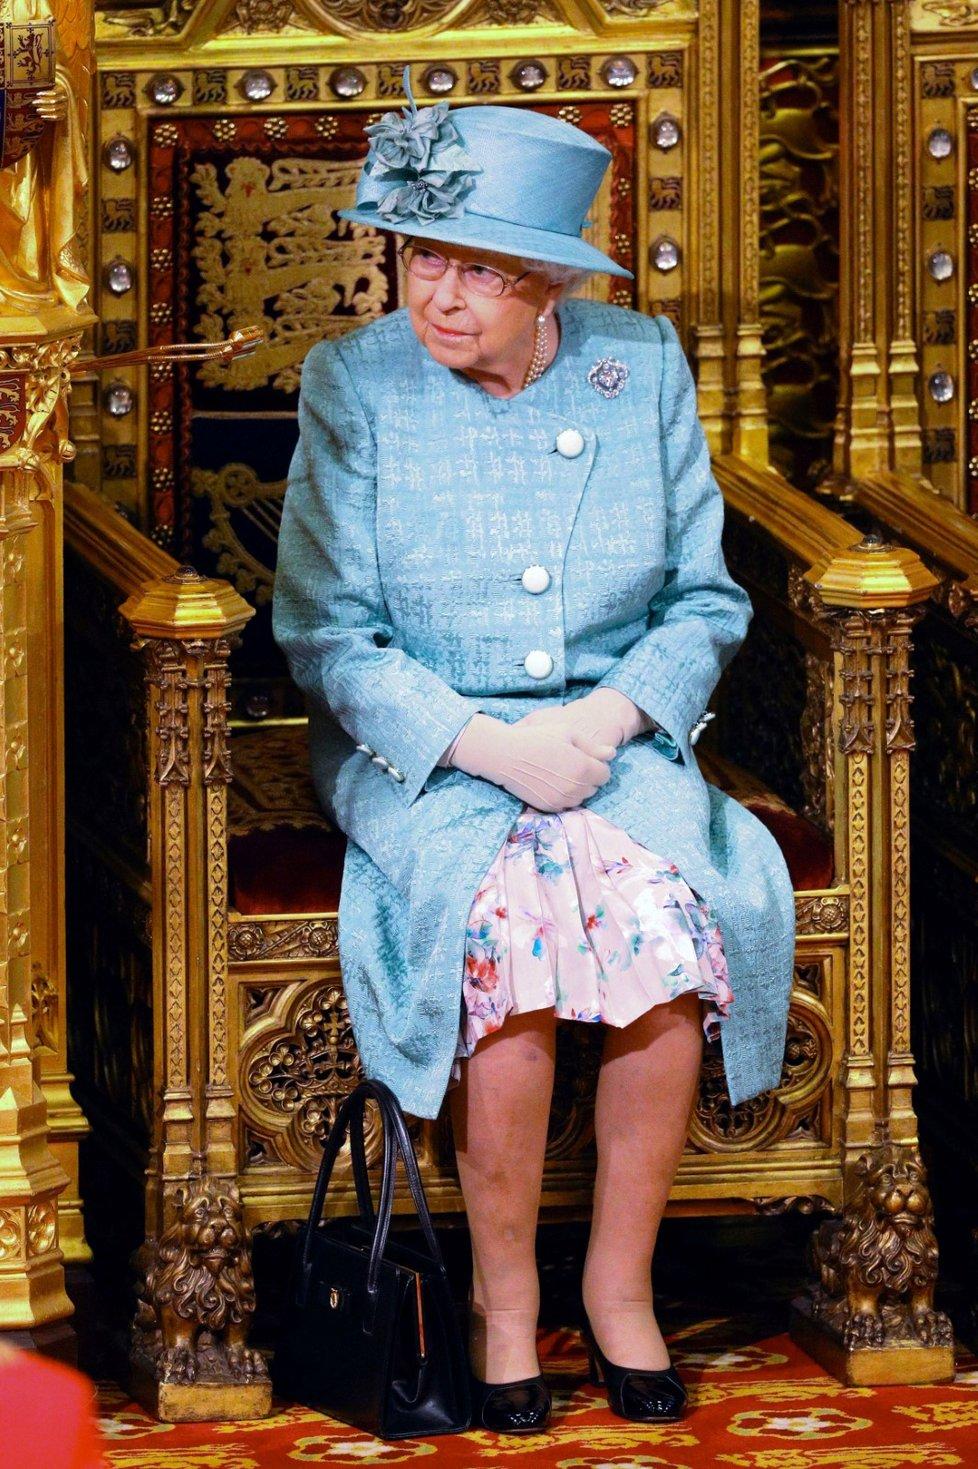 Královna Alžběta II. při tradičním čtení programu vlády na úvod schůze parlamentu. Doprovodil ji princ Charles (19. 12. 2019).